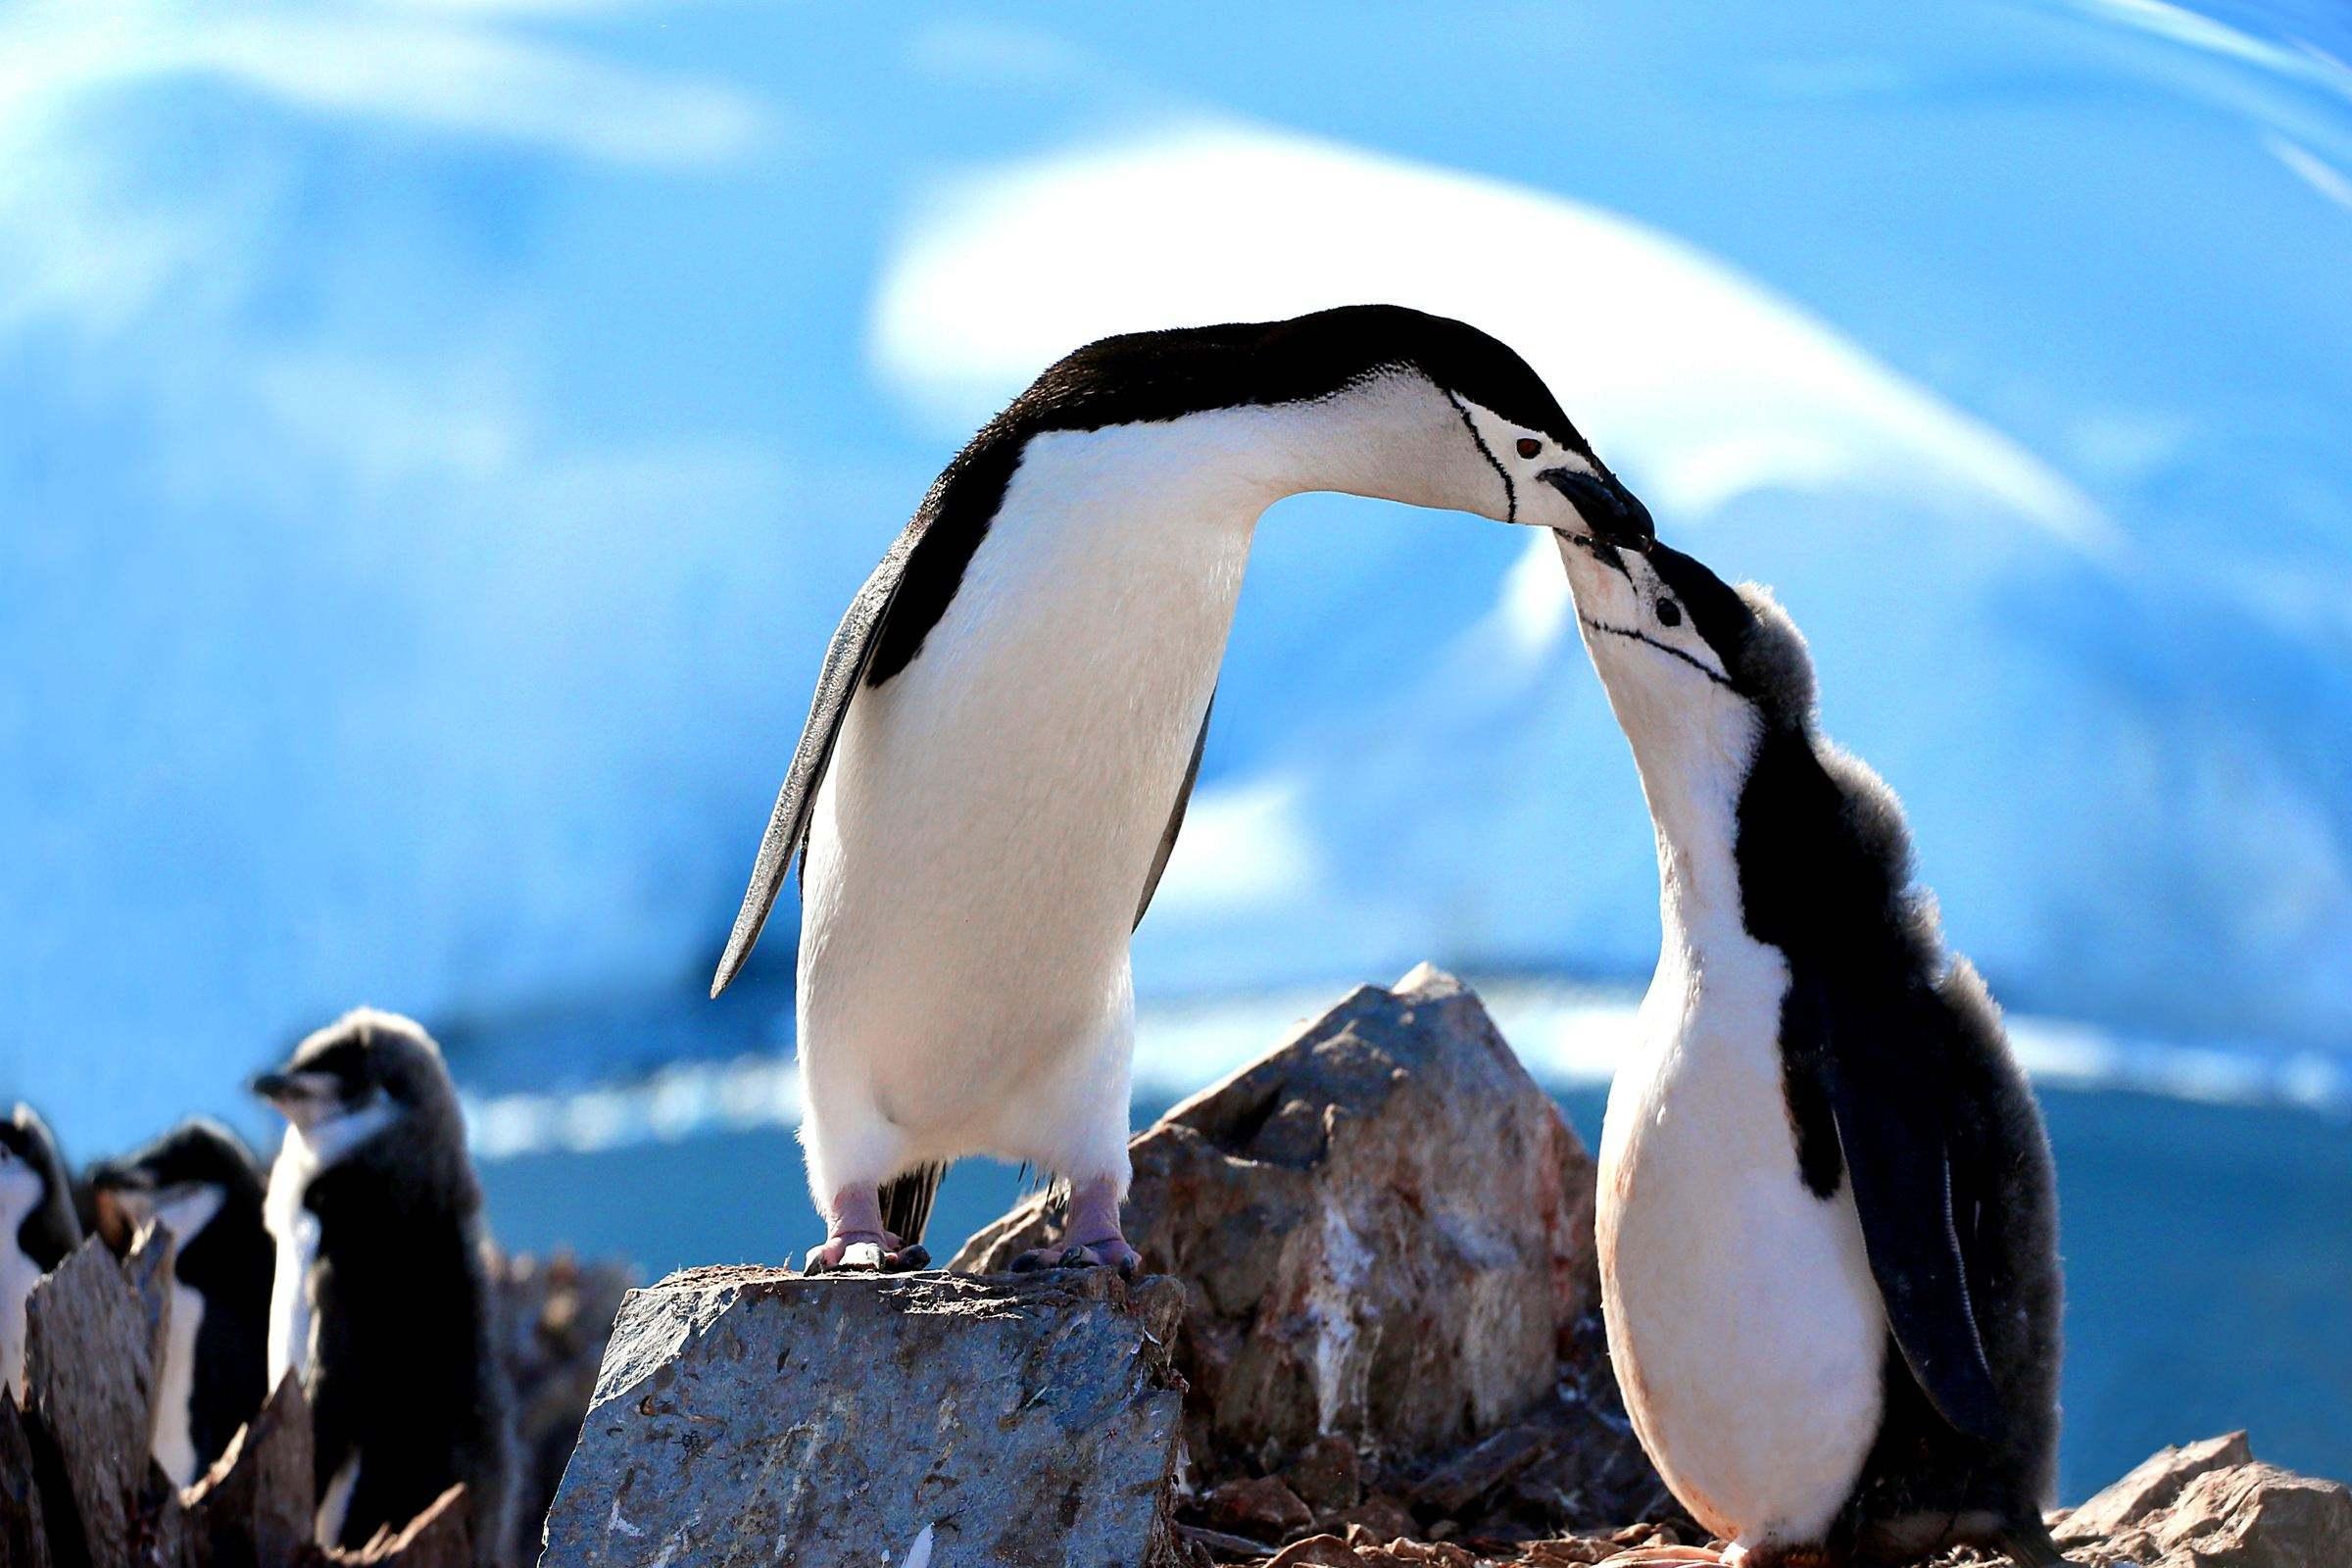 【南极】(亚特兰蒂邮轮)中国人包船南极摄影巡游 16 天团